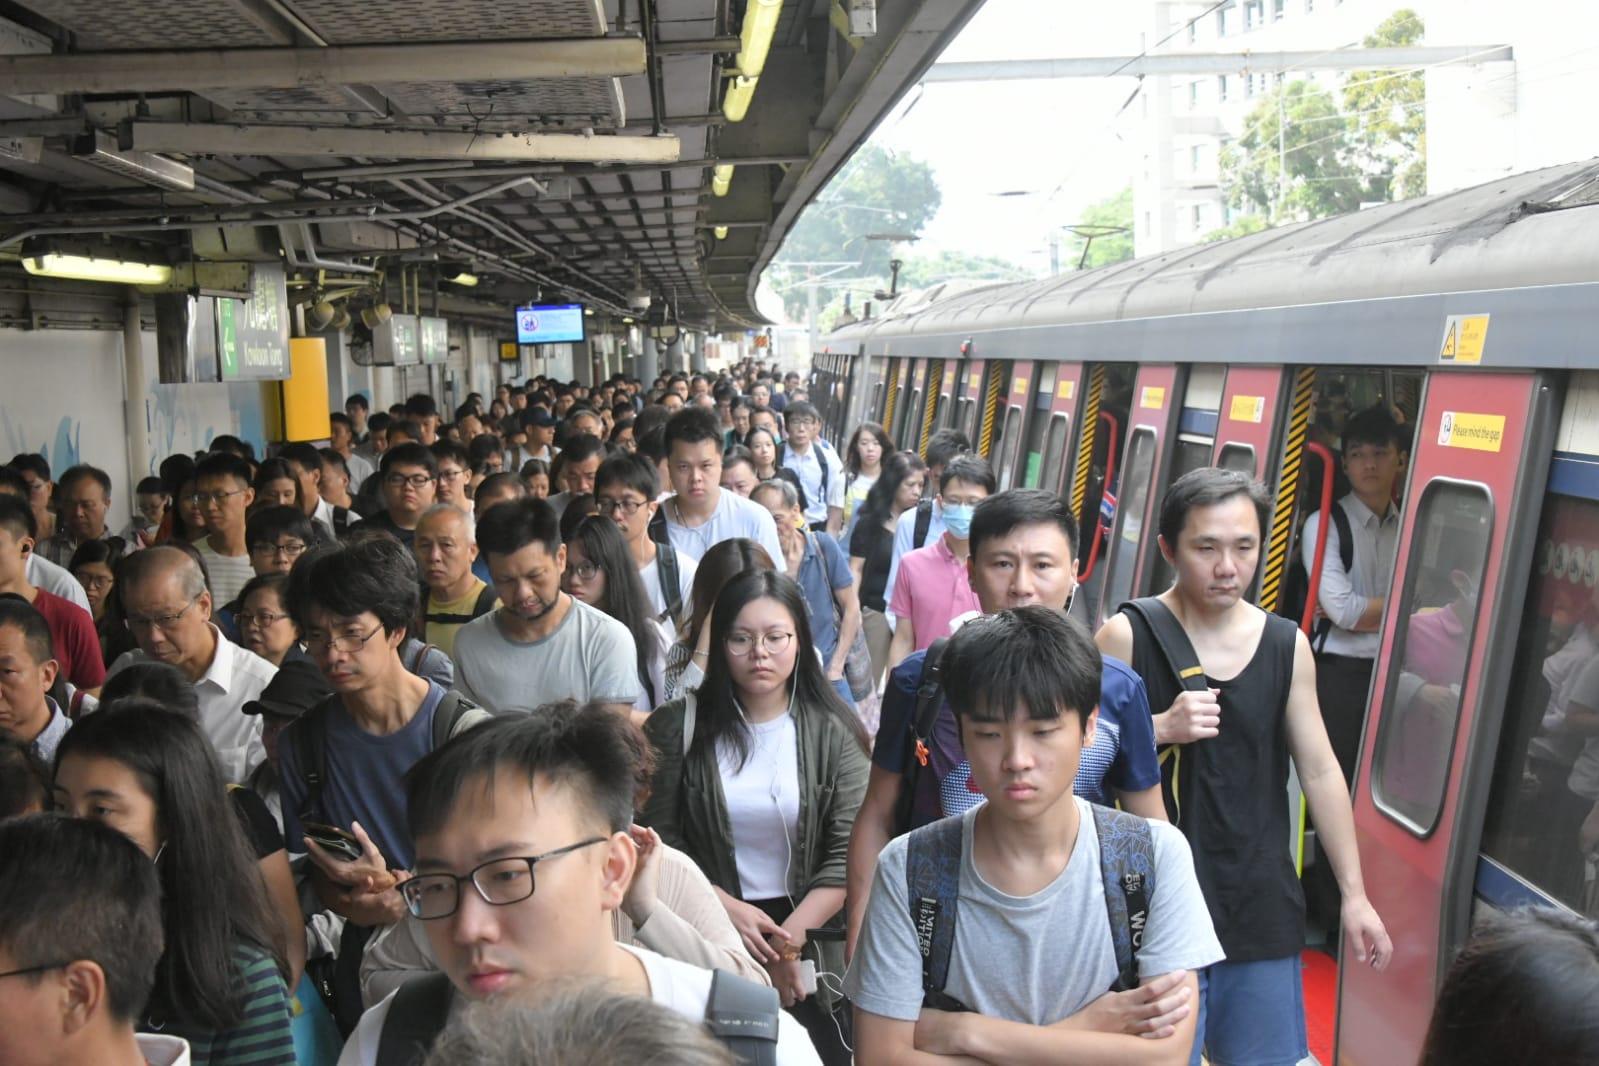 九龍塘站往紅磡方向的月台,擠滿大批乘客,逼滿整個月台。